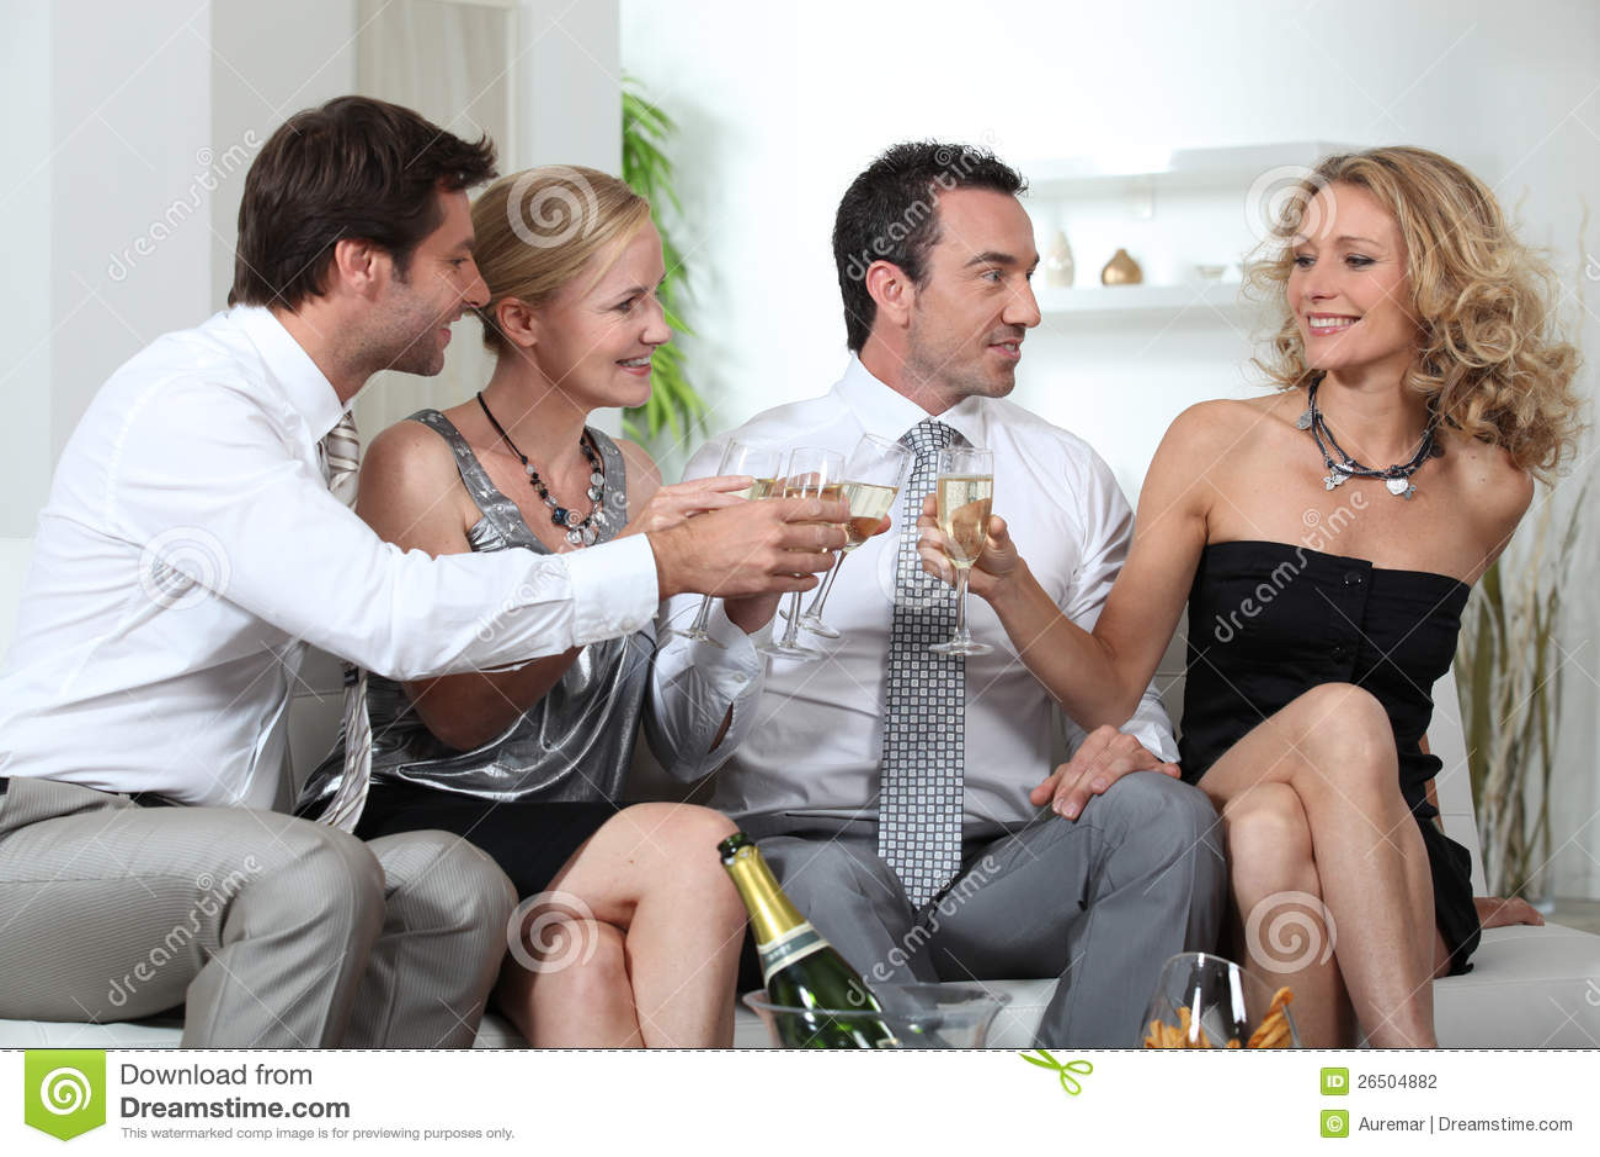 Супружеские пары смотреть онлайн 18 фотография